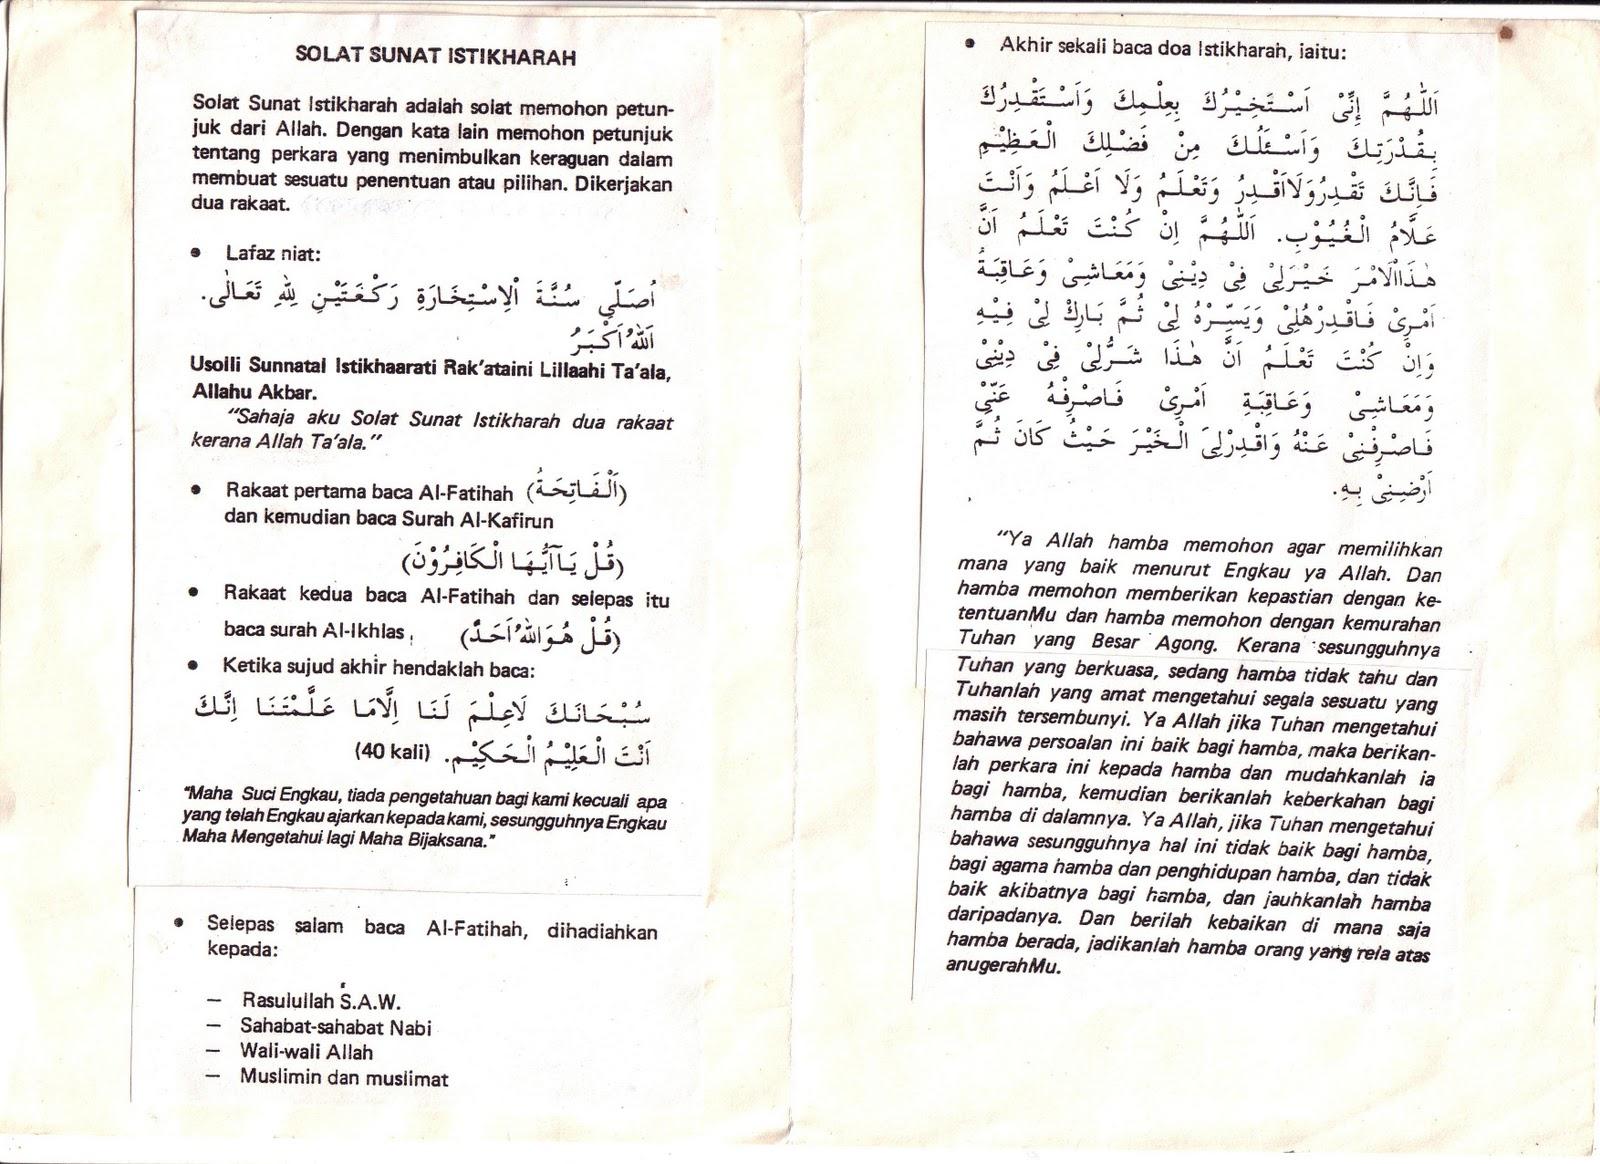 akhir sekali baca doa istikharah seperti berikut: